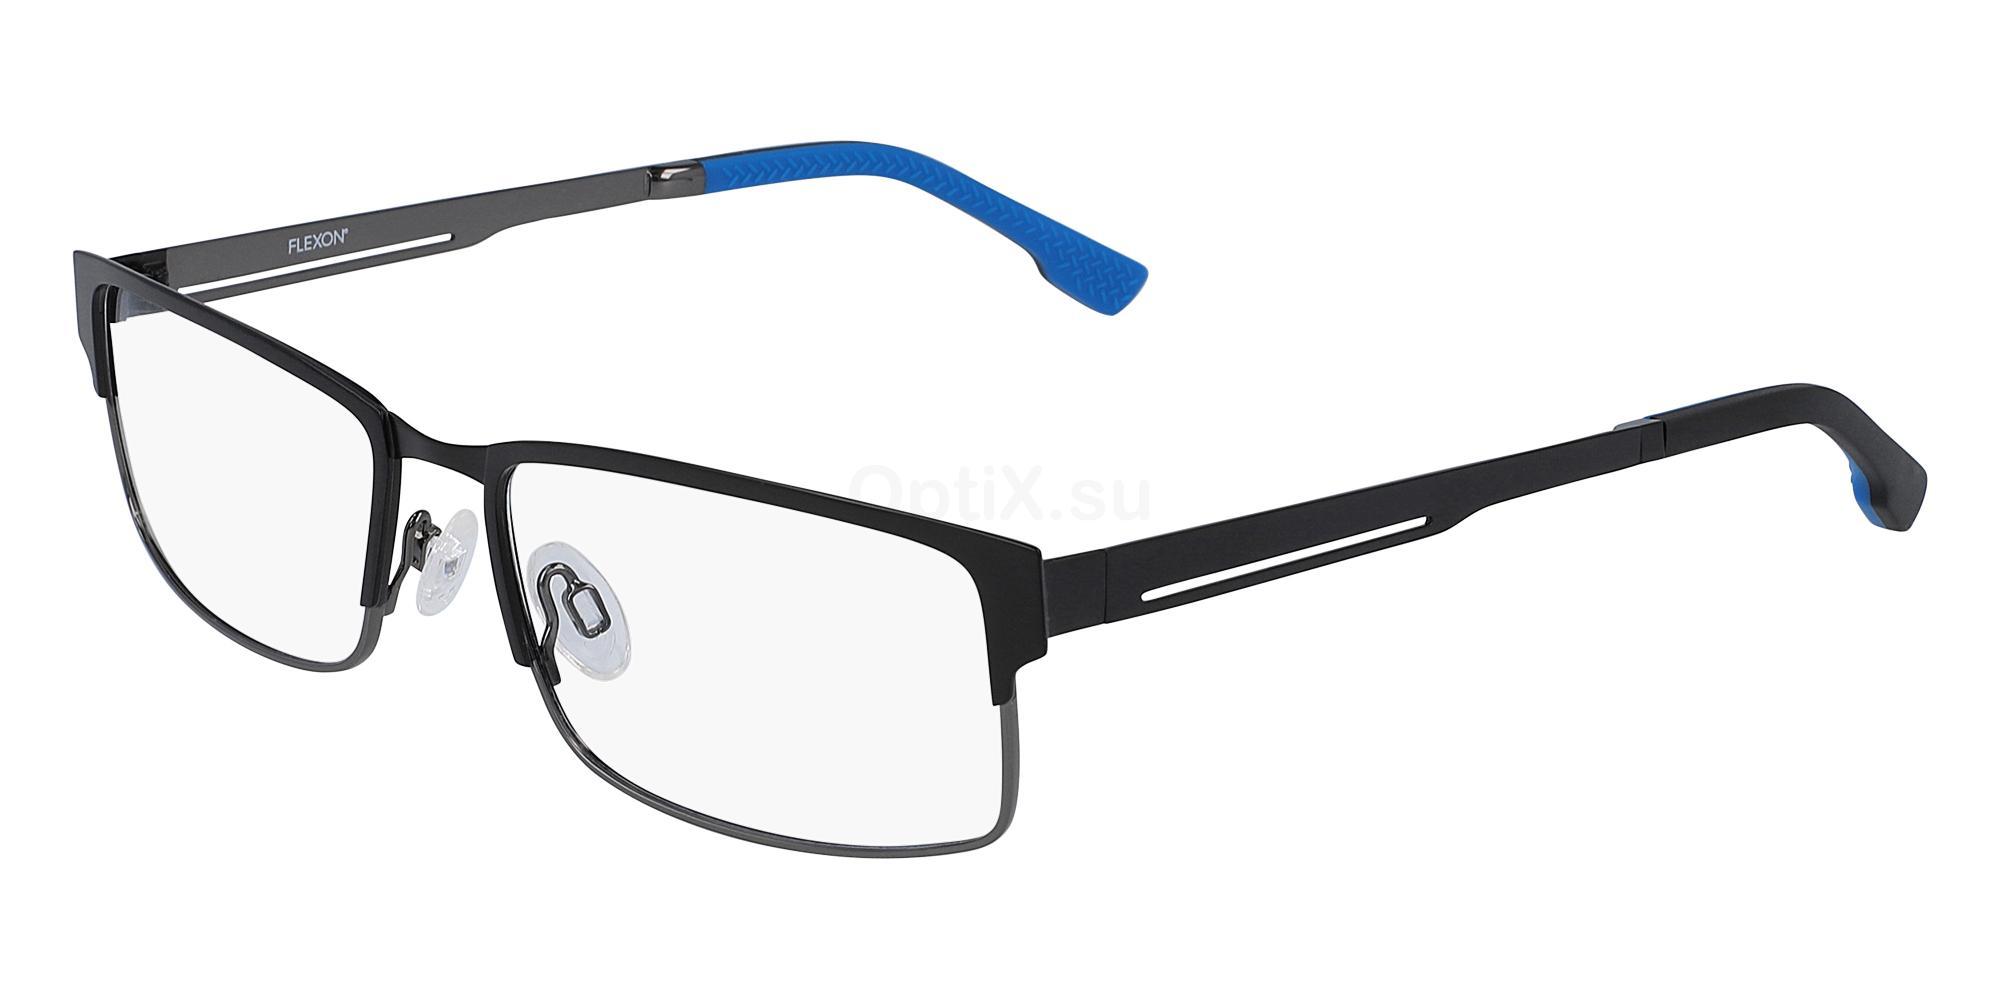 001 FLEXON E1048 Glasses, Flexon